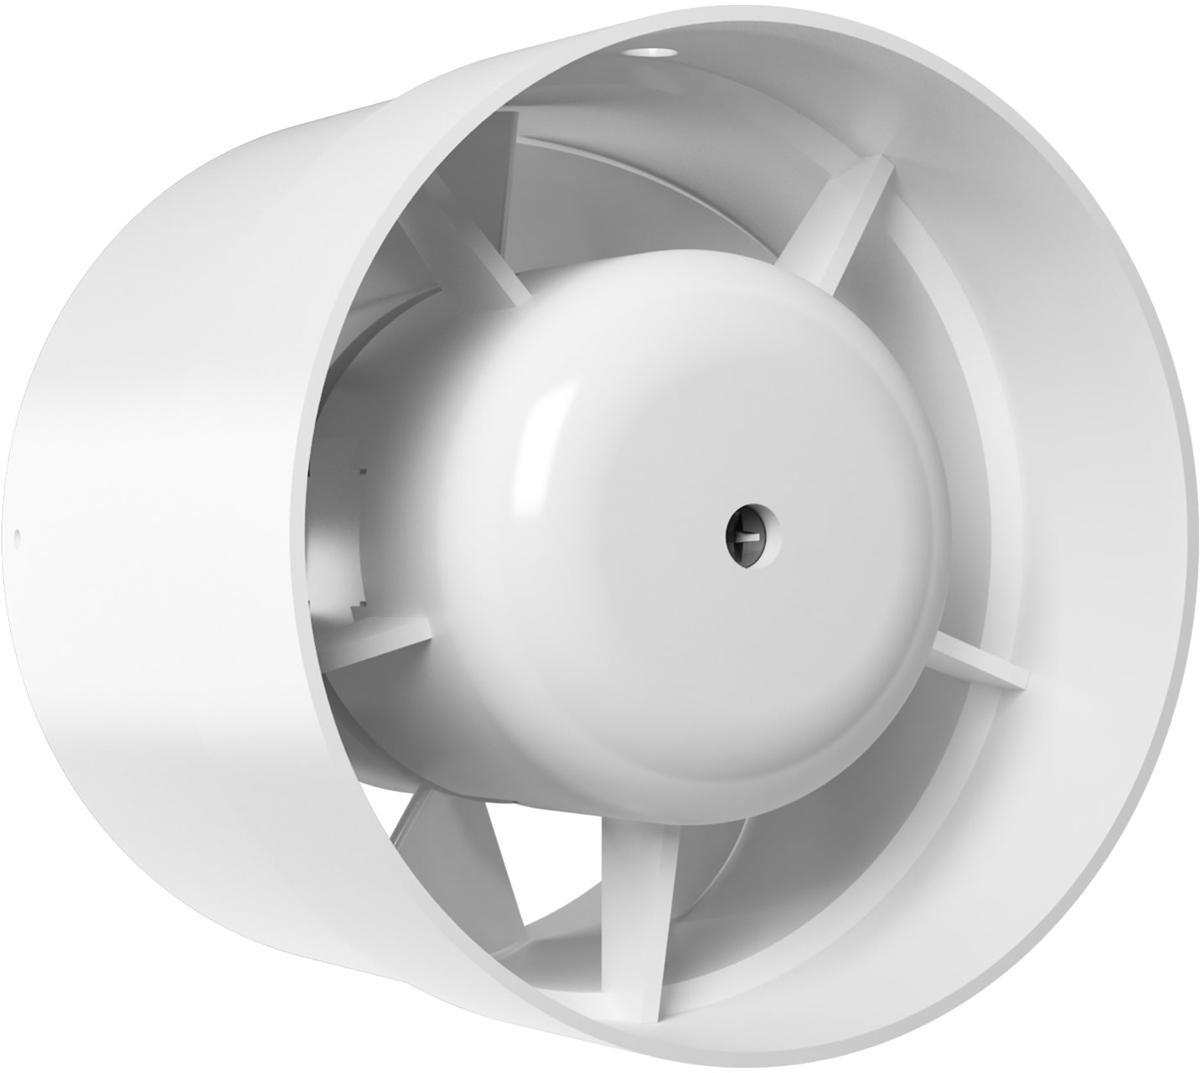 ERA Profit 4 12V вентилятор осевой канальный вытяжной низковольныйPROFIT 4 12VВентилятор серии PROFIT с диаметром фланца 100 мм. PROFIT - канальные вентиляторы, которые имеют стандартную систему крепления. Элементы крепления не входят в комплект вентилятора. Современные двигатели с увеличенным сроком службы (до 40 000 рабочих часов), защитой от перегрева.